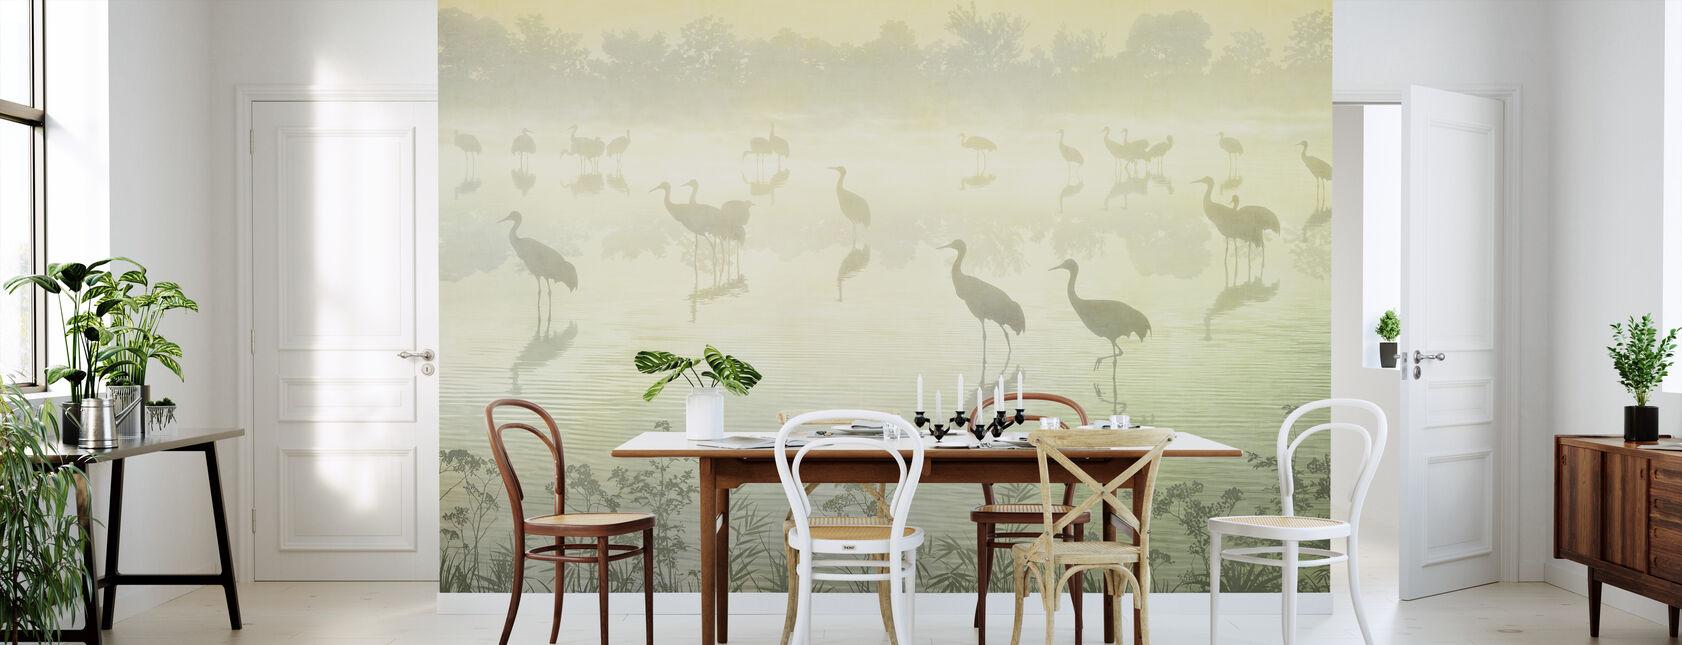 Flock vid skymningen - Hazel - Tapet - Kök